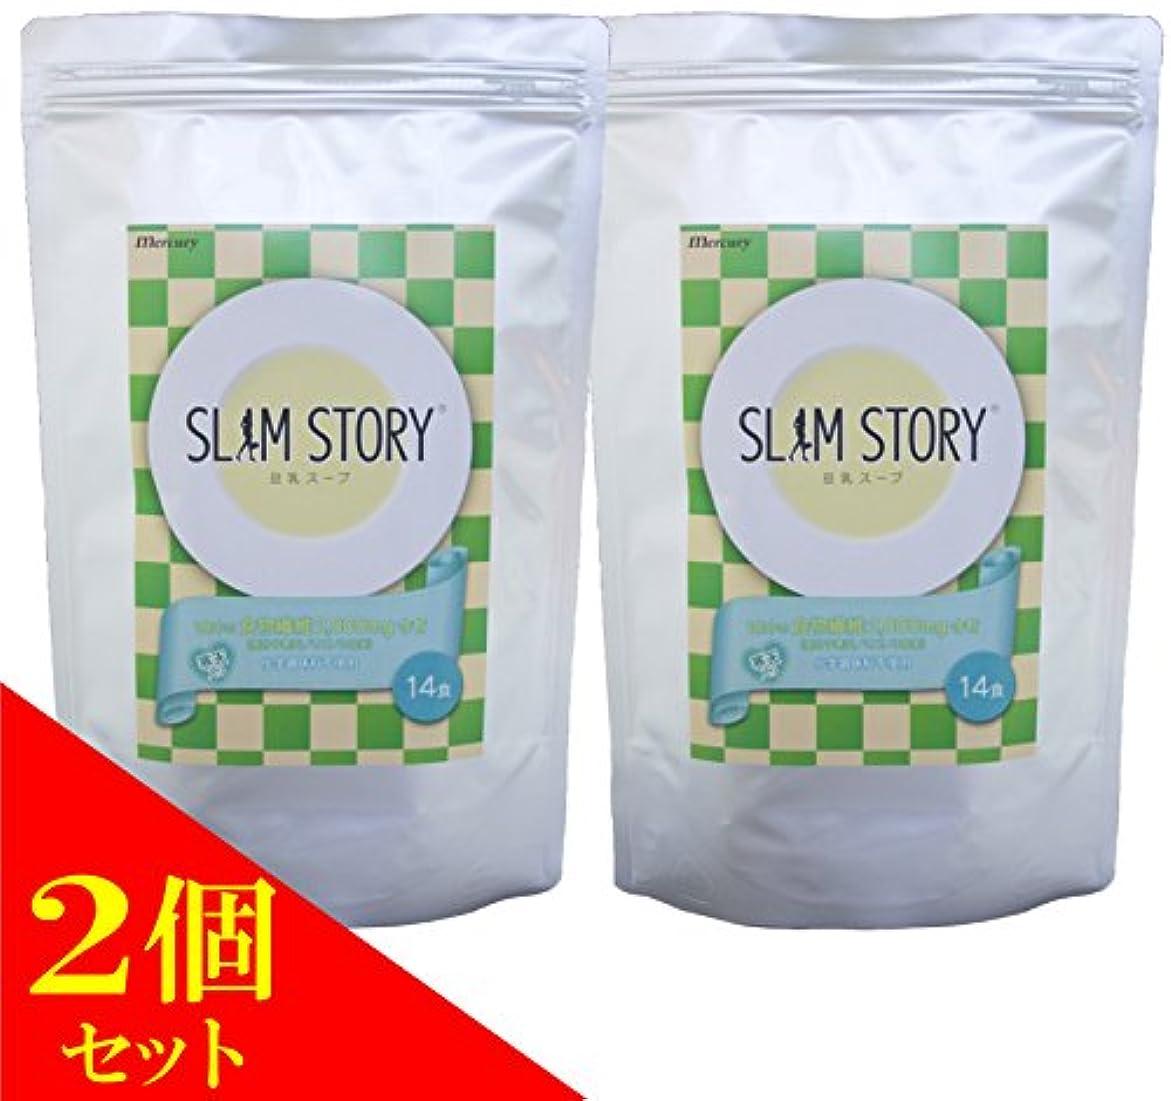 許可遮る基準(2個)マーキュリー SLIM STORY 豆乳スープ 14食×2個セット/化学調味料 不使用(4947041155176)